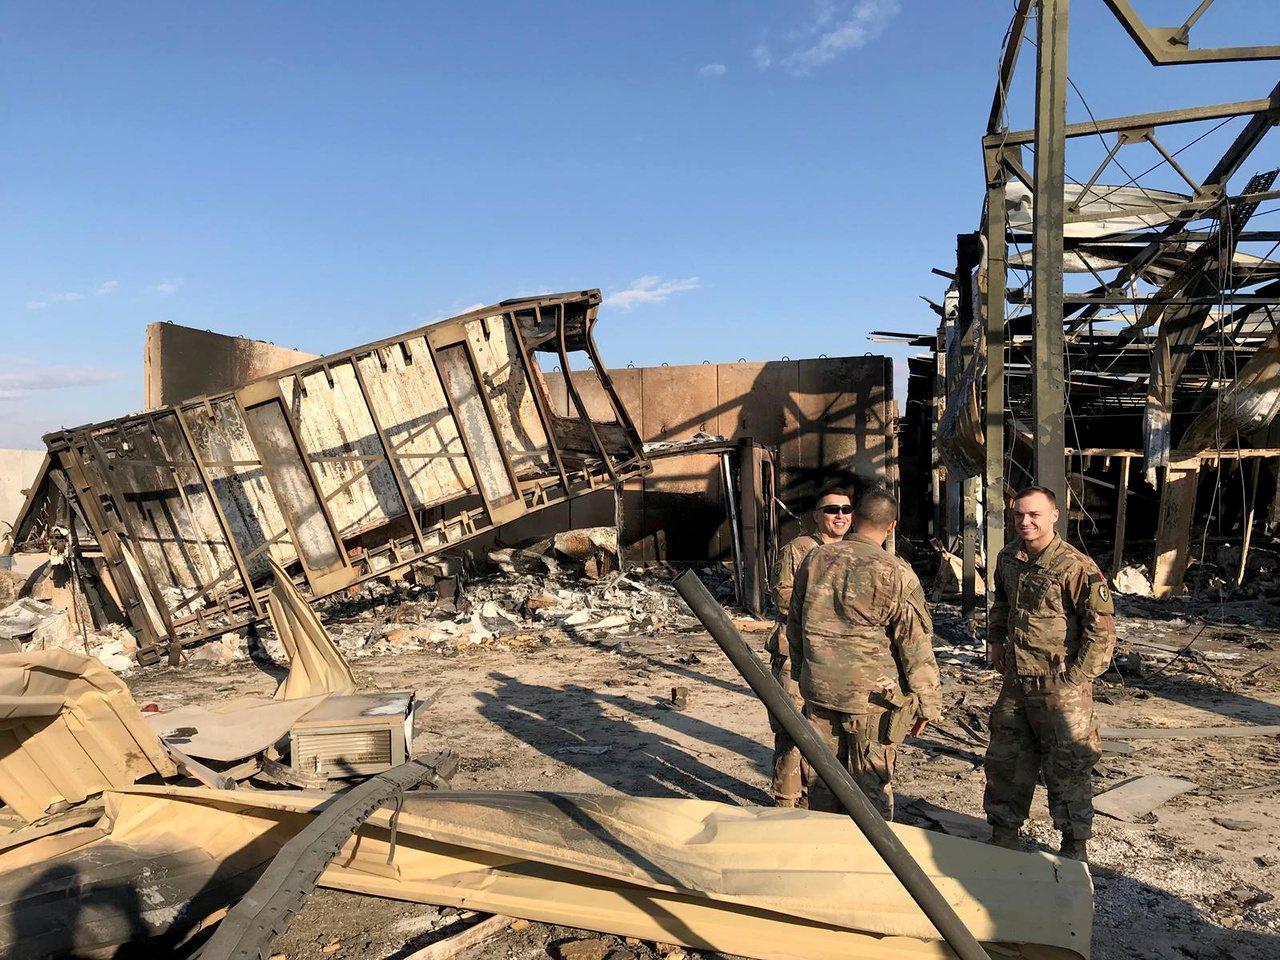 駐伊拉克美軍基地阿薩德基地在美東時間7日遭伊朗飛彈攻擊,美方無人傷亡,飛彈僅炸毀...